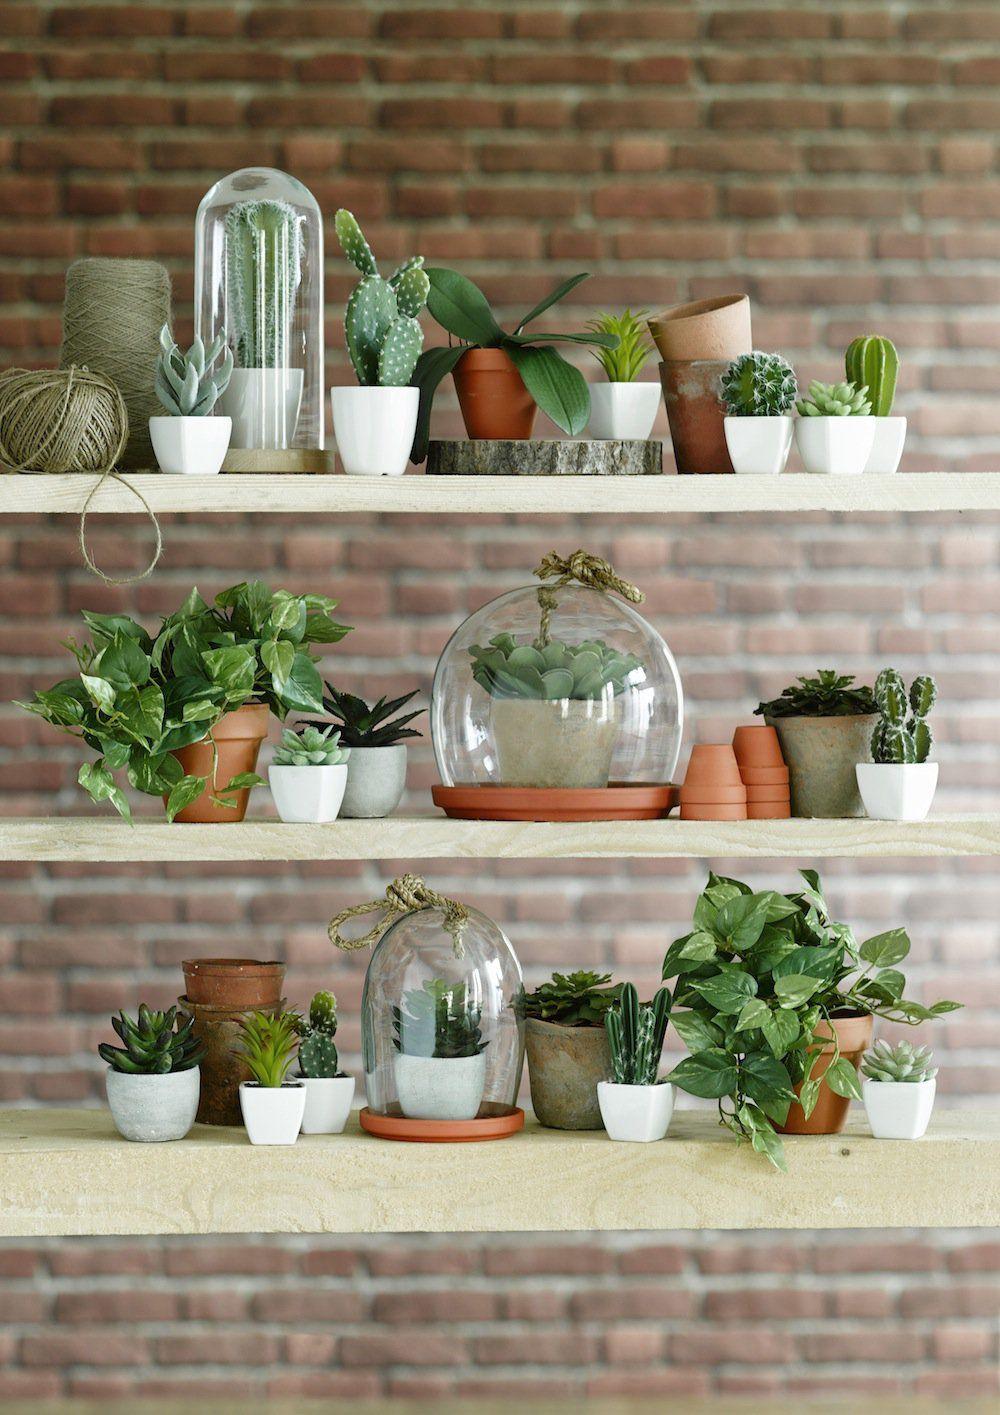 O acheter des fleurs et plantes artificielles mur for Ou acheter des plantes